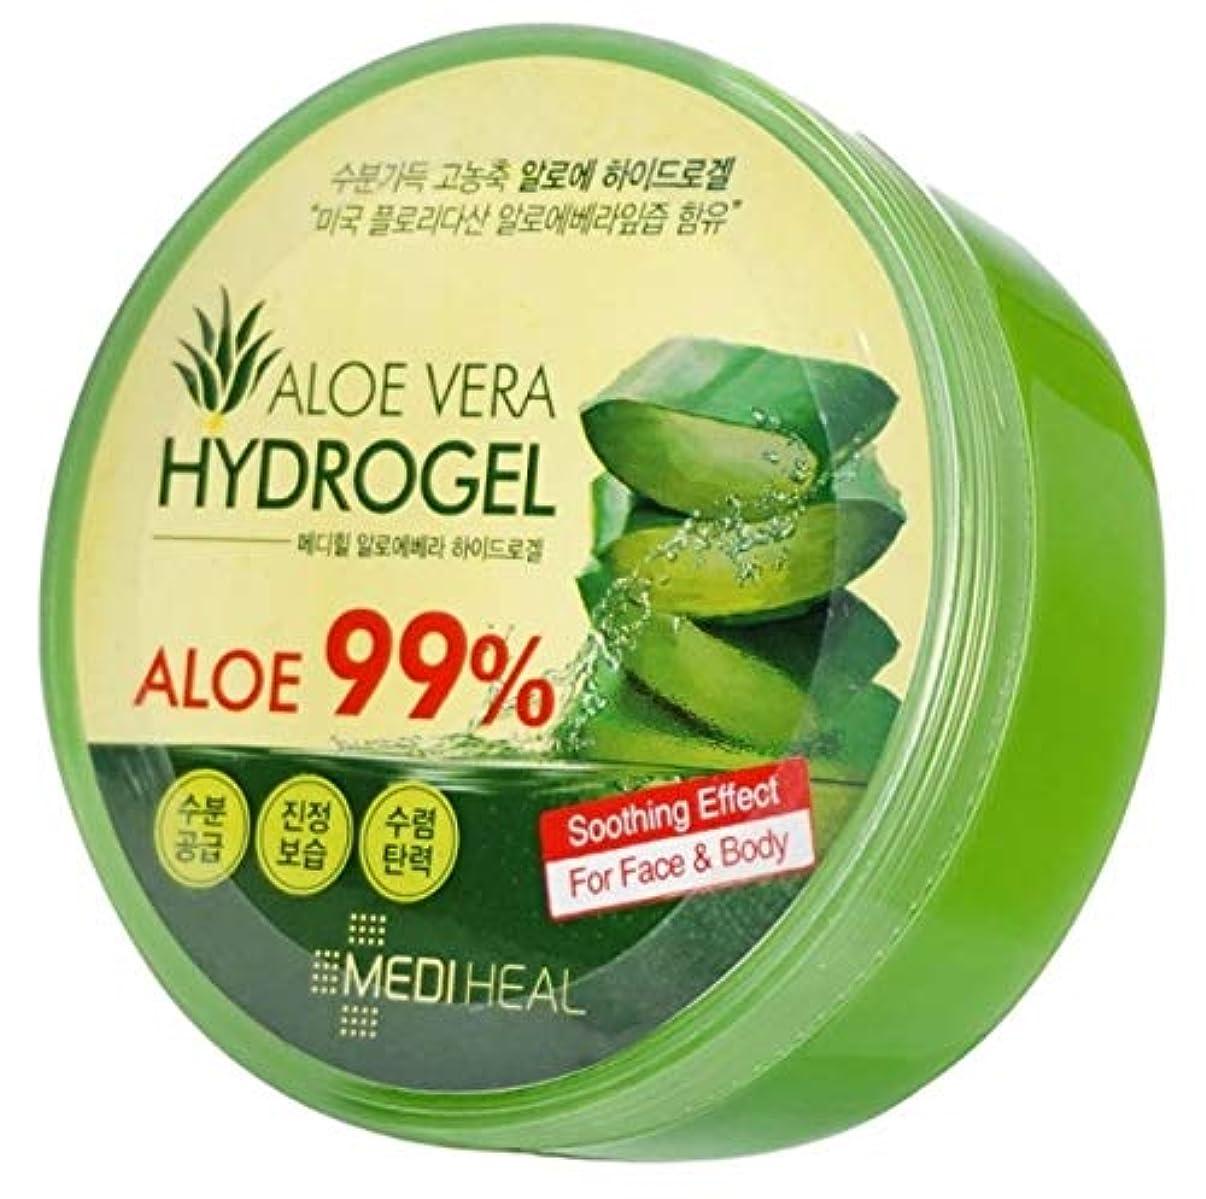 ご注意箱サーキットに行くMediheal メディヒール Skin Soothing なだめるような & Moisture 水分 99% Aloe アロエ Vera Hydro Gels ハイドロゲル